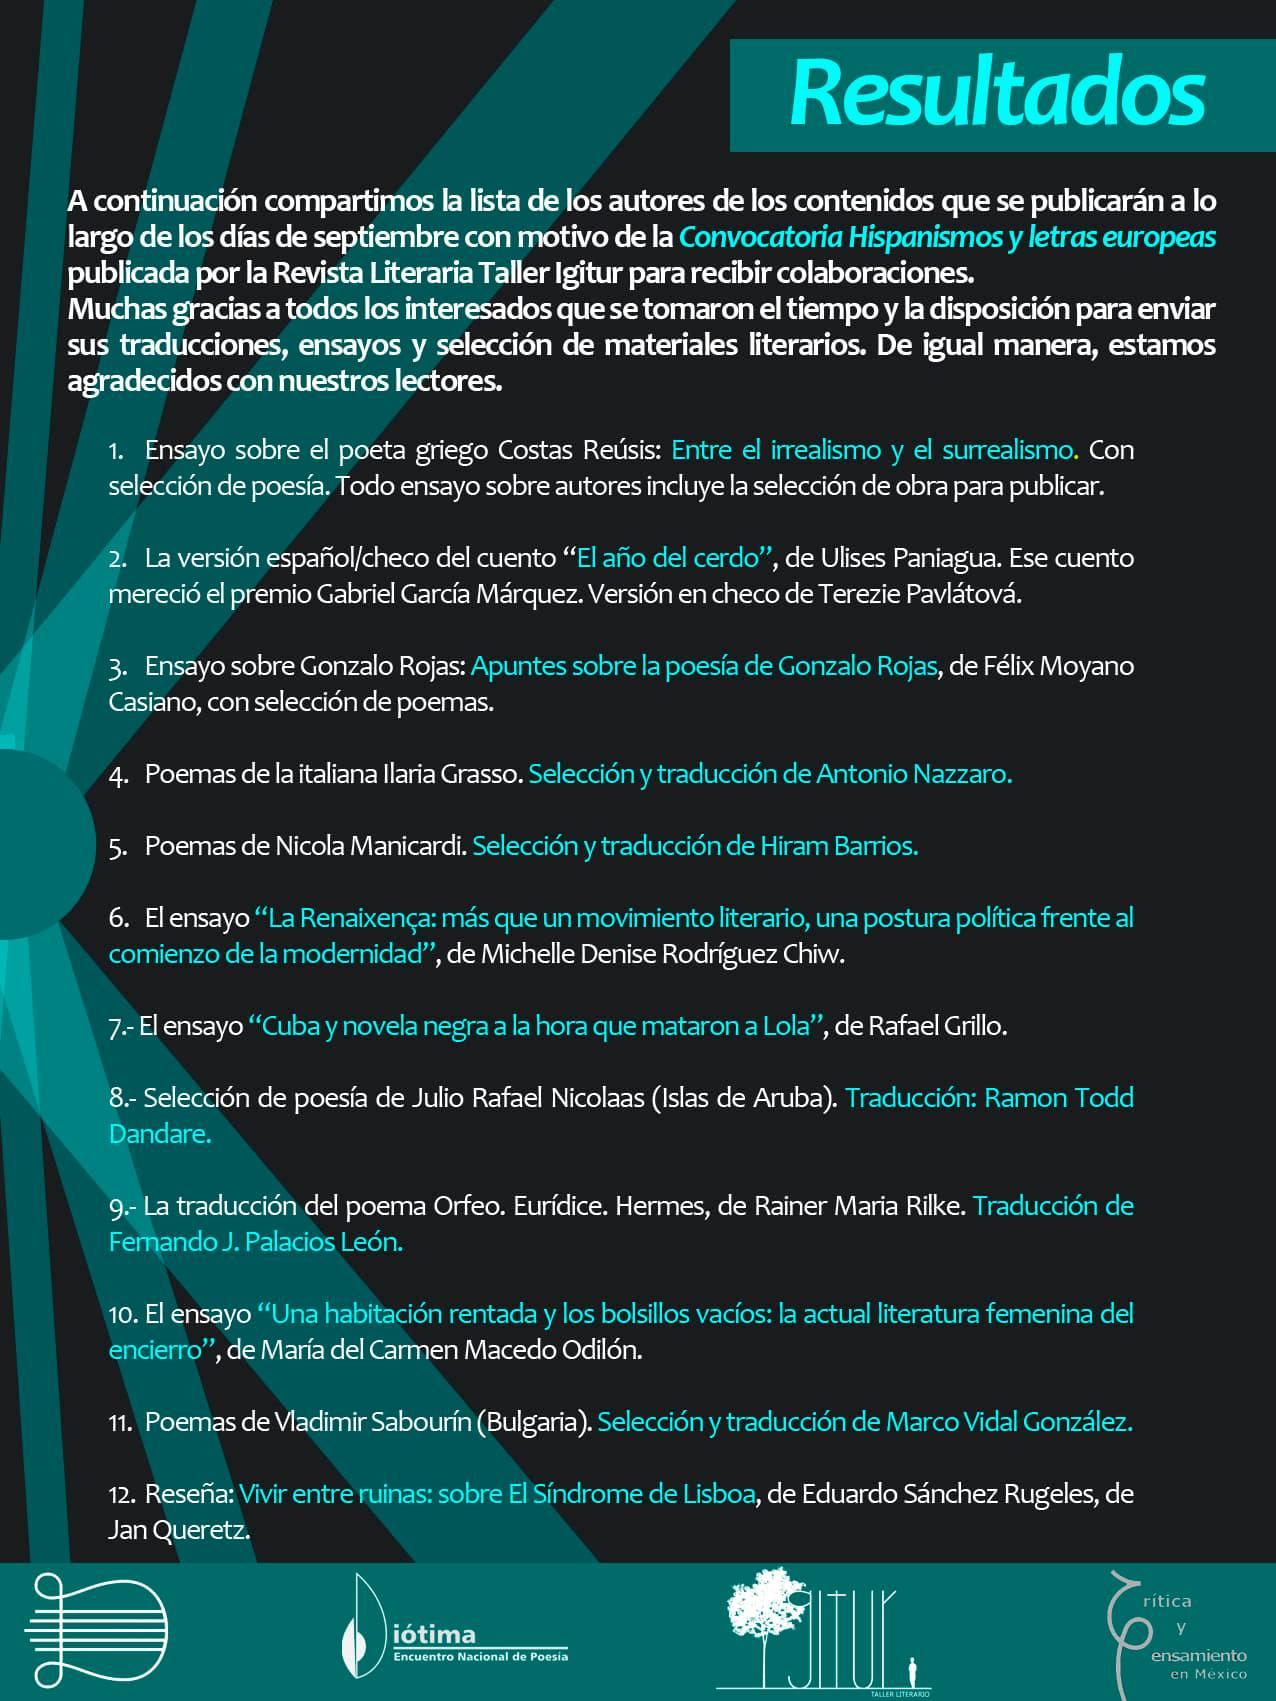 ilaria grasso Revista Literaria Taller poesia cctm